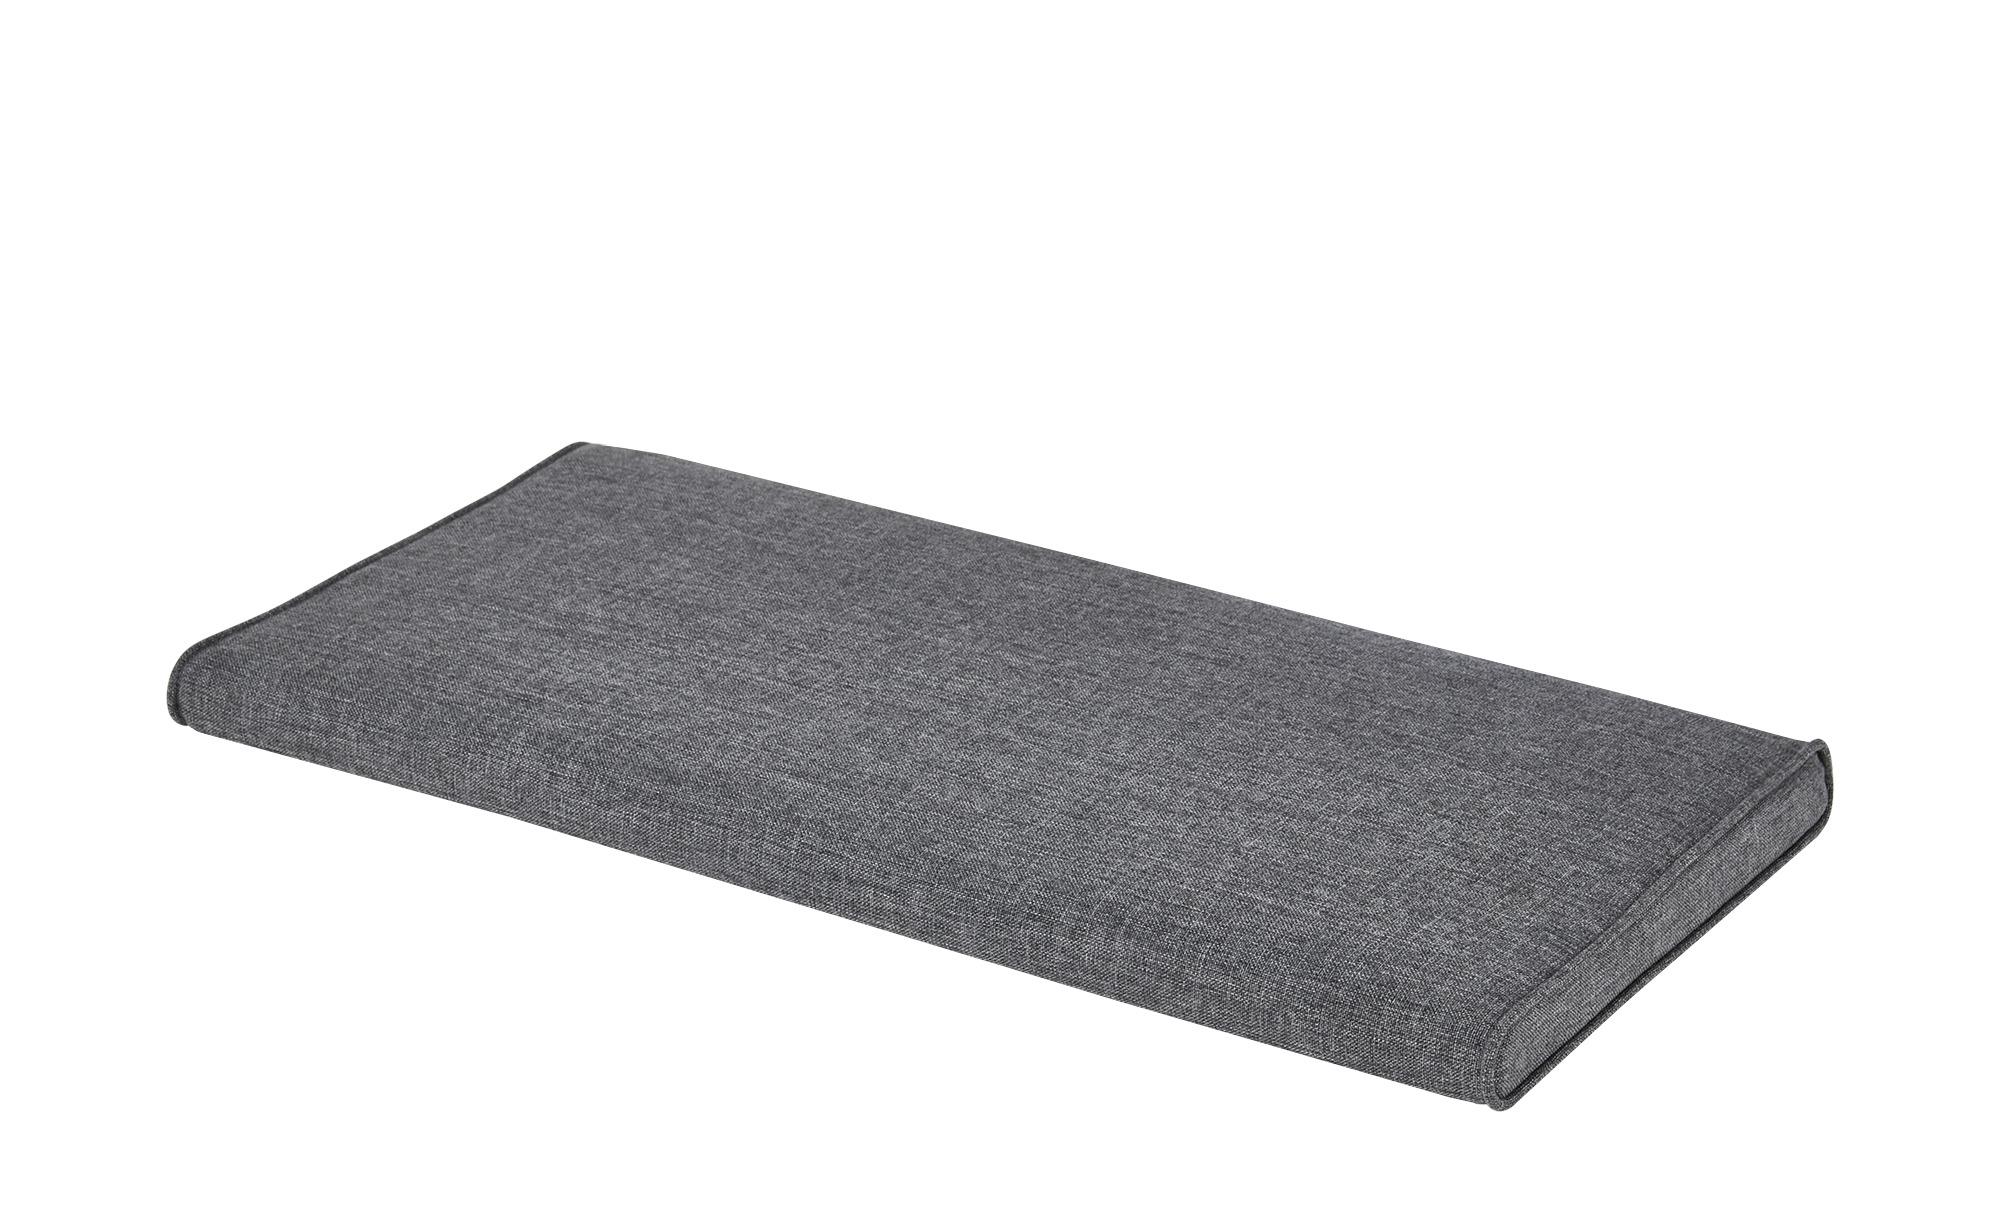 Sitzkissen ¦ schwarz ¦ Bezug: Nubukoptik (100% Polyester), Füllmaterial: PU günstig online kaufen